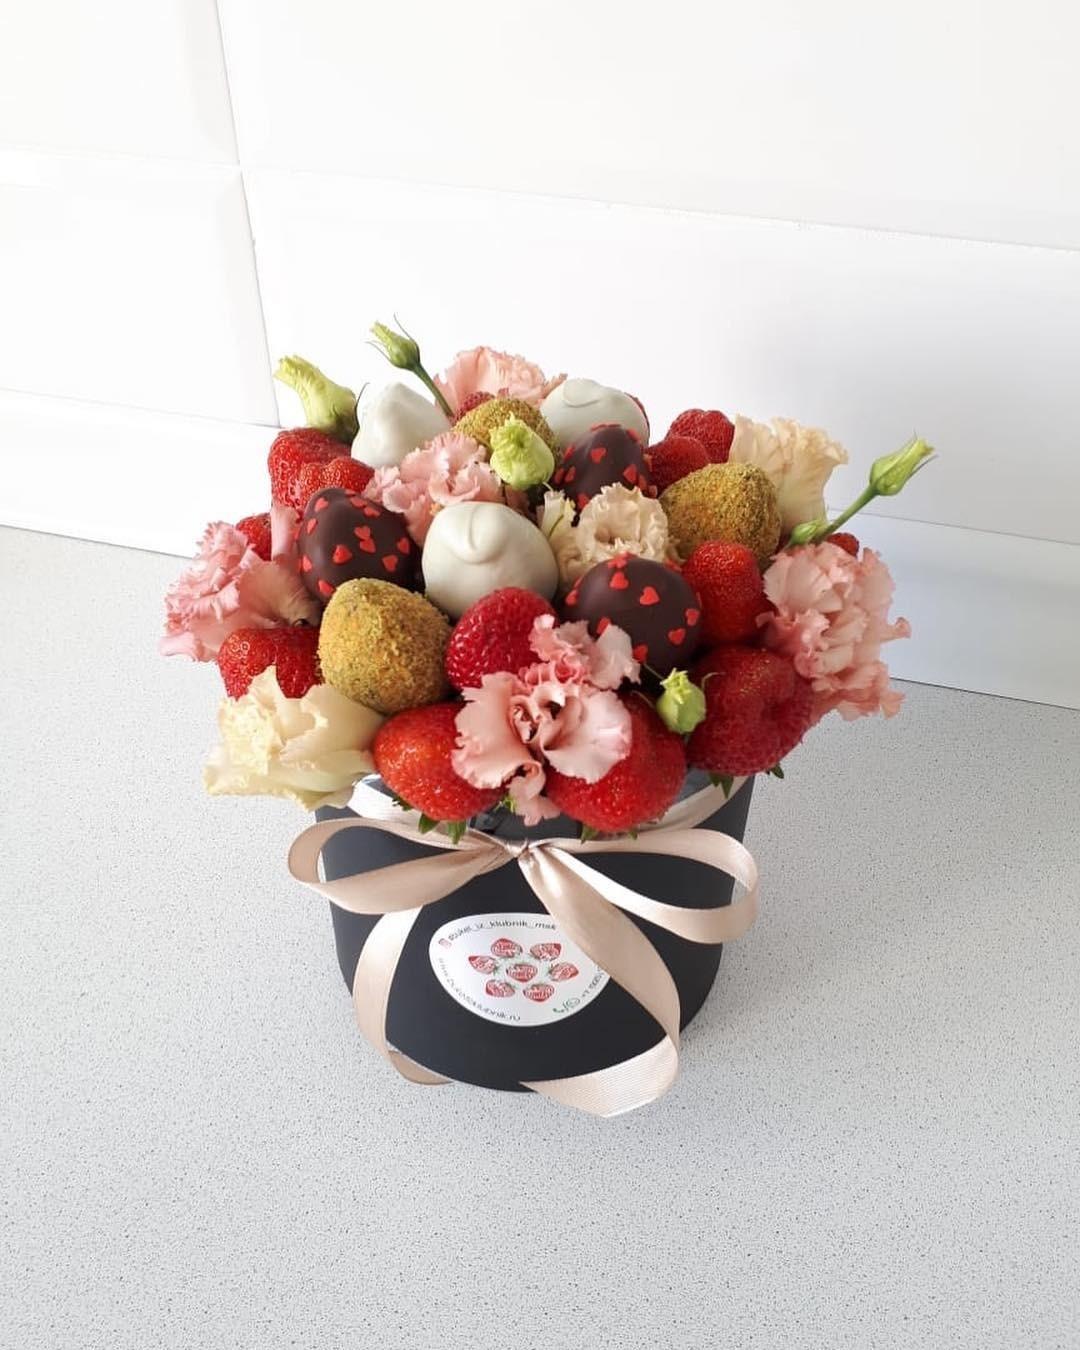 fruktovie-buketi-gubka-floristicheskaya-svoimi-rukami-foto-poshagovo